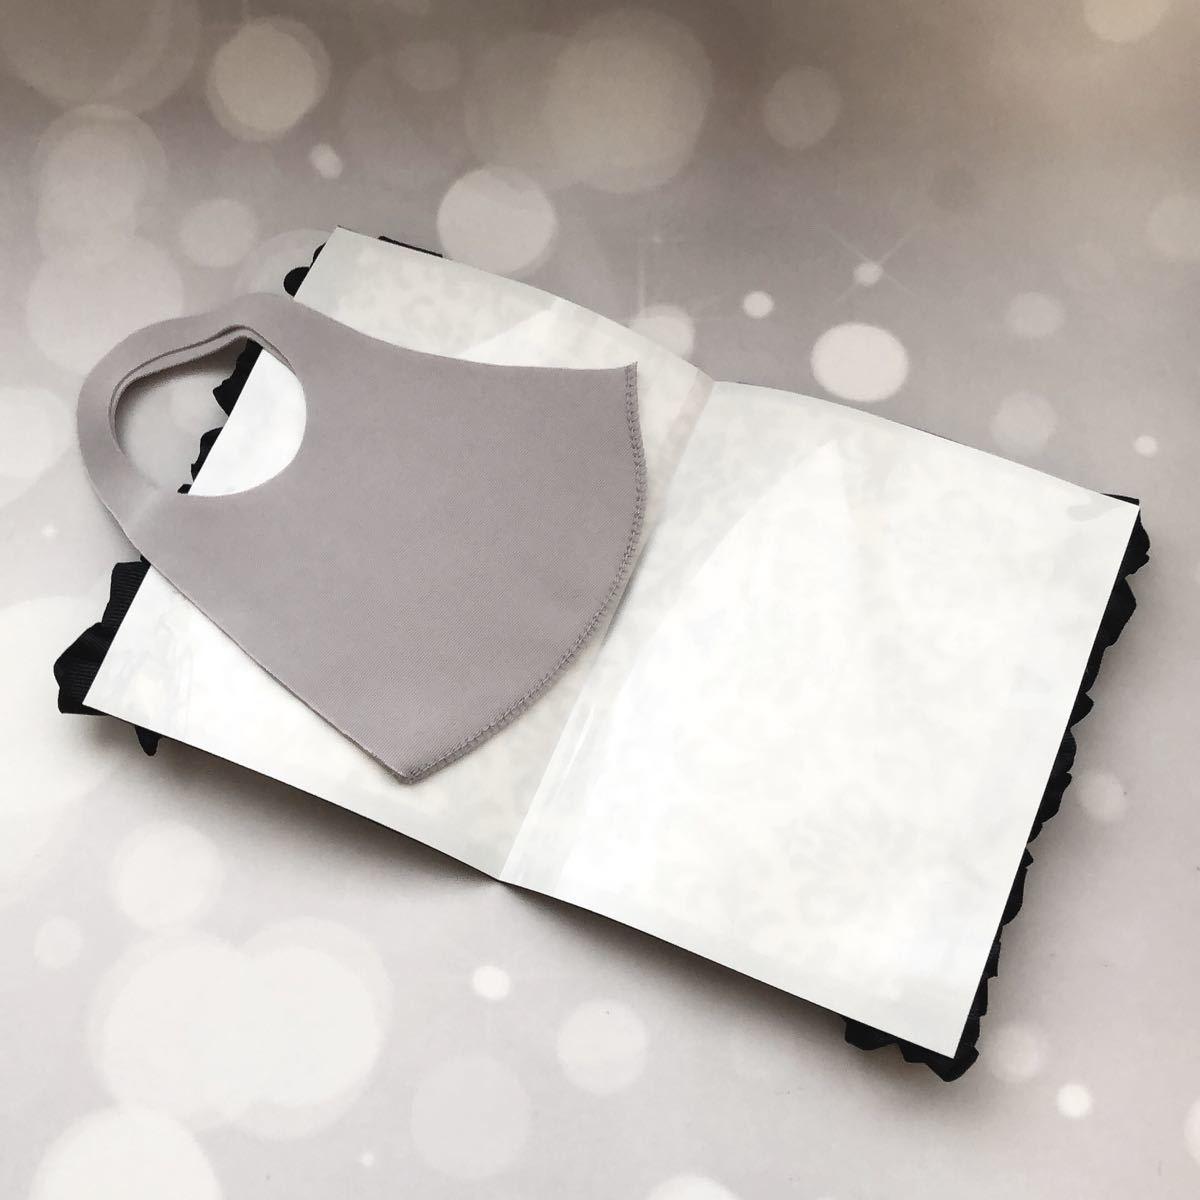 【立体マスク、ハンドメイドマスク、不織布マスク用】仮置きマスクケース フリルver.(ダマスク柄ホワイト&ブラック)